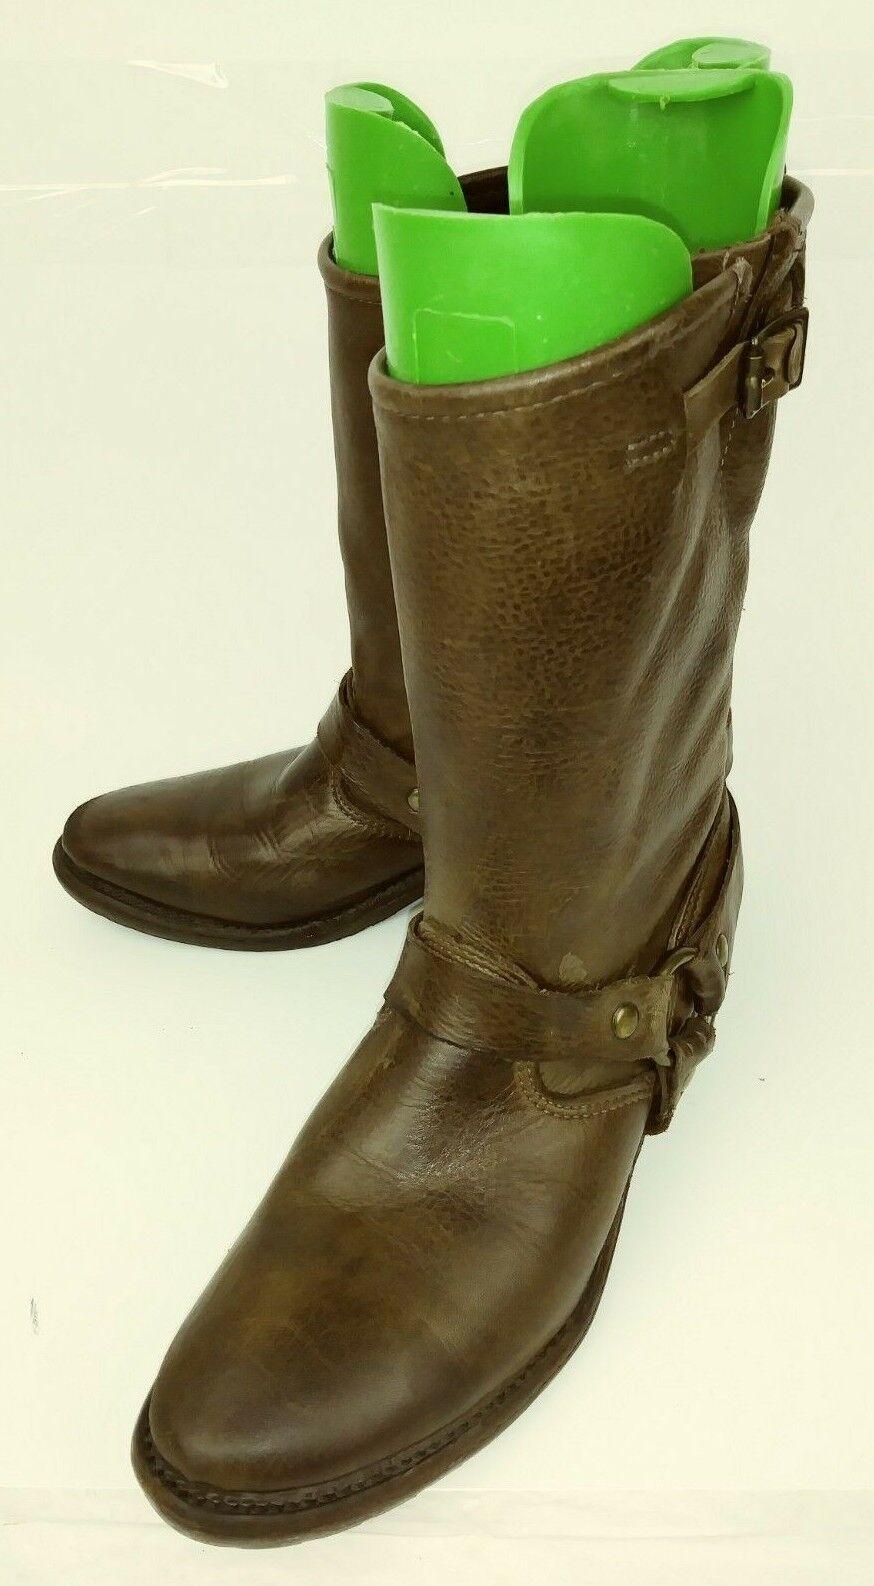 negozio a basso costo Vintage Brand Brand Brand donna stivali Western US6.5M Marrone Leather Harness Ring Riding 2459  vendita calda online